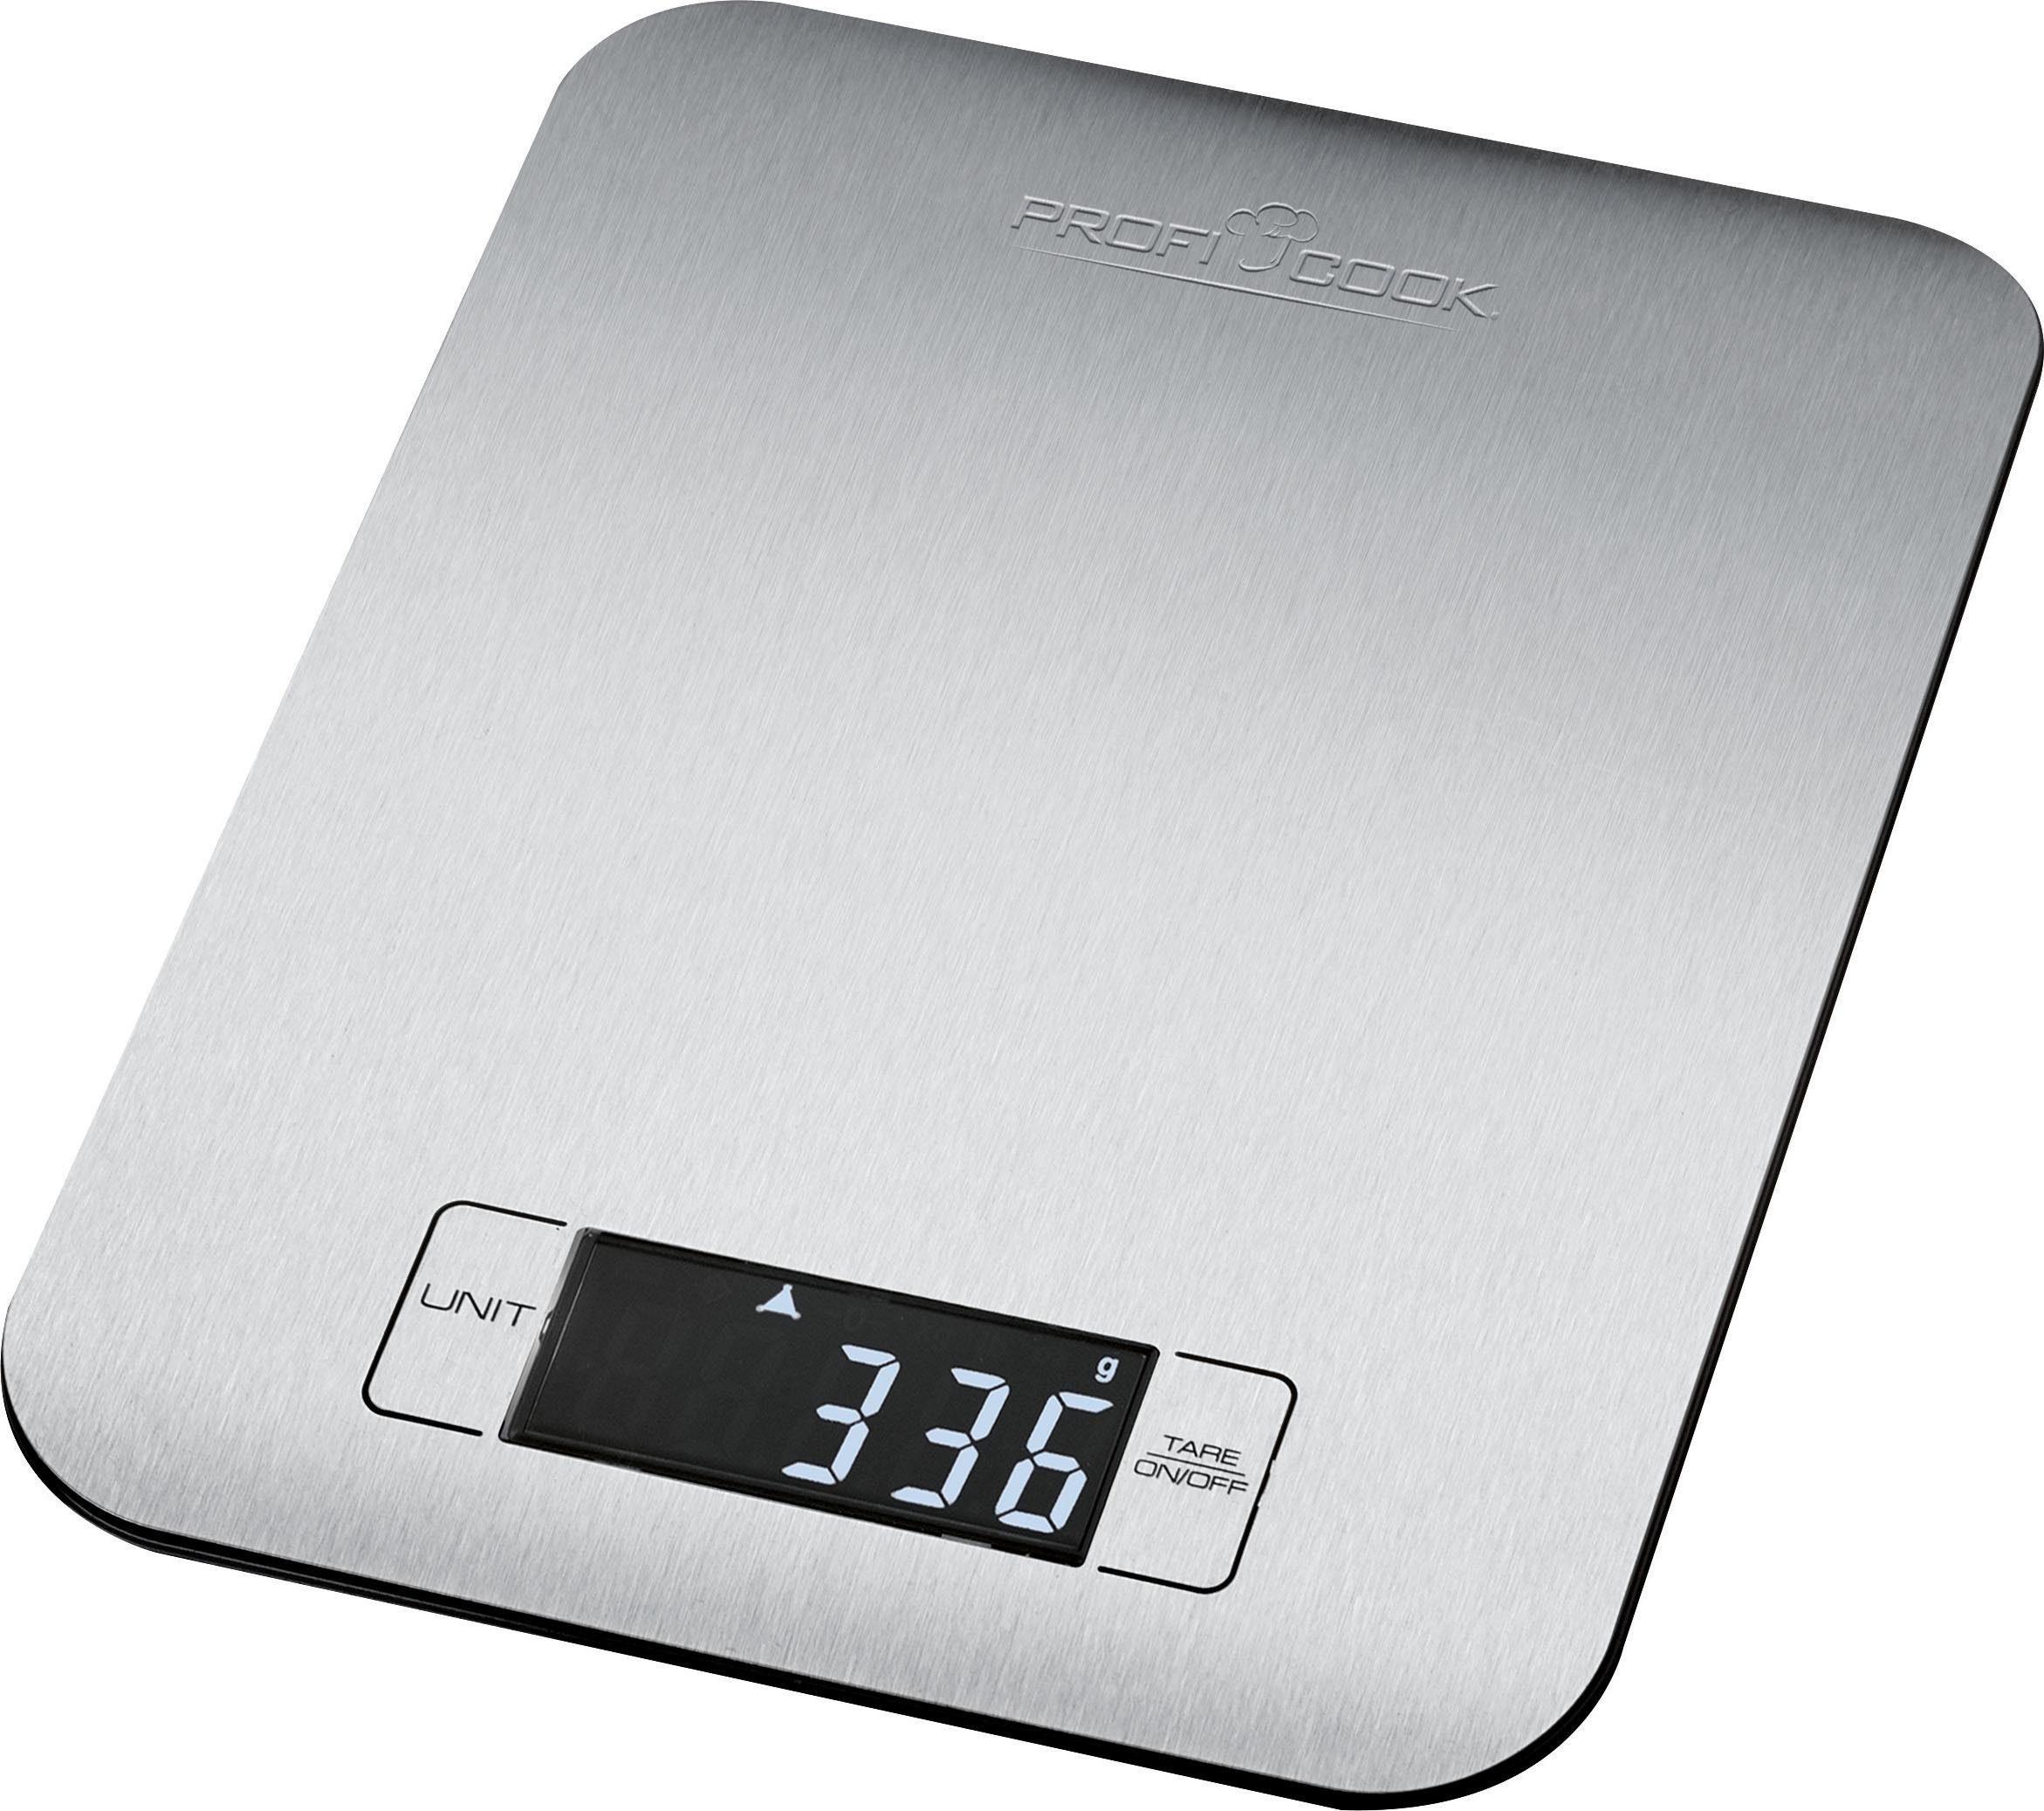 ProfiCook Küchenwaage PC-KW 1061, Extra flache digitale Küchenwaage